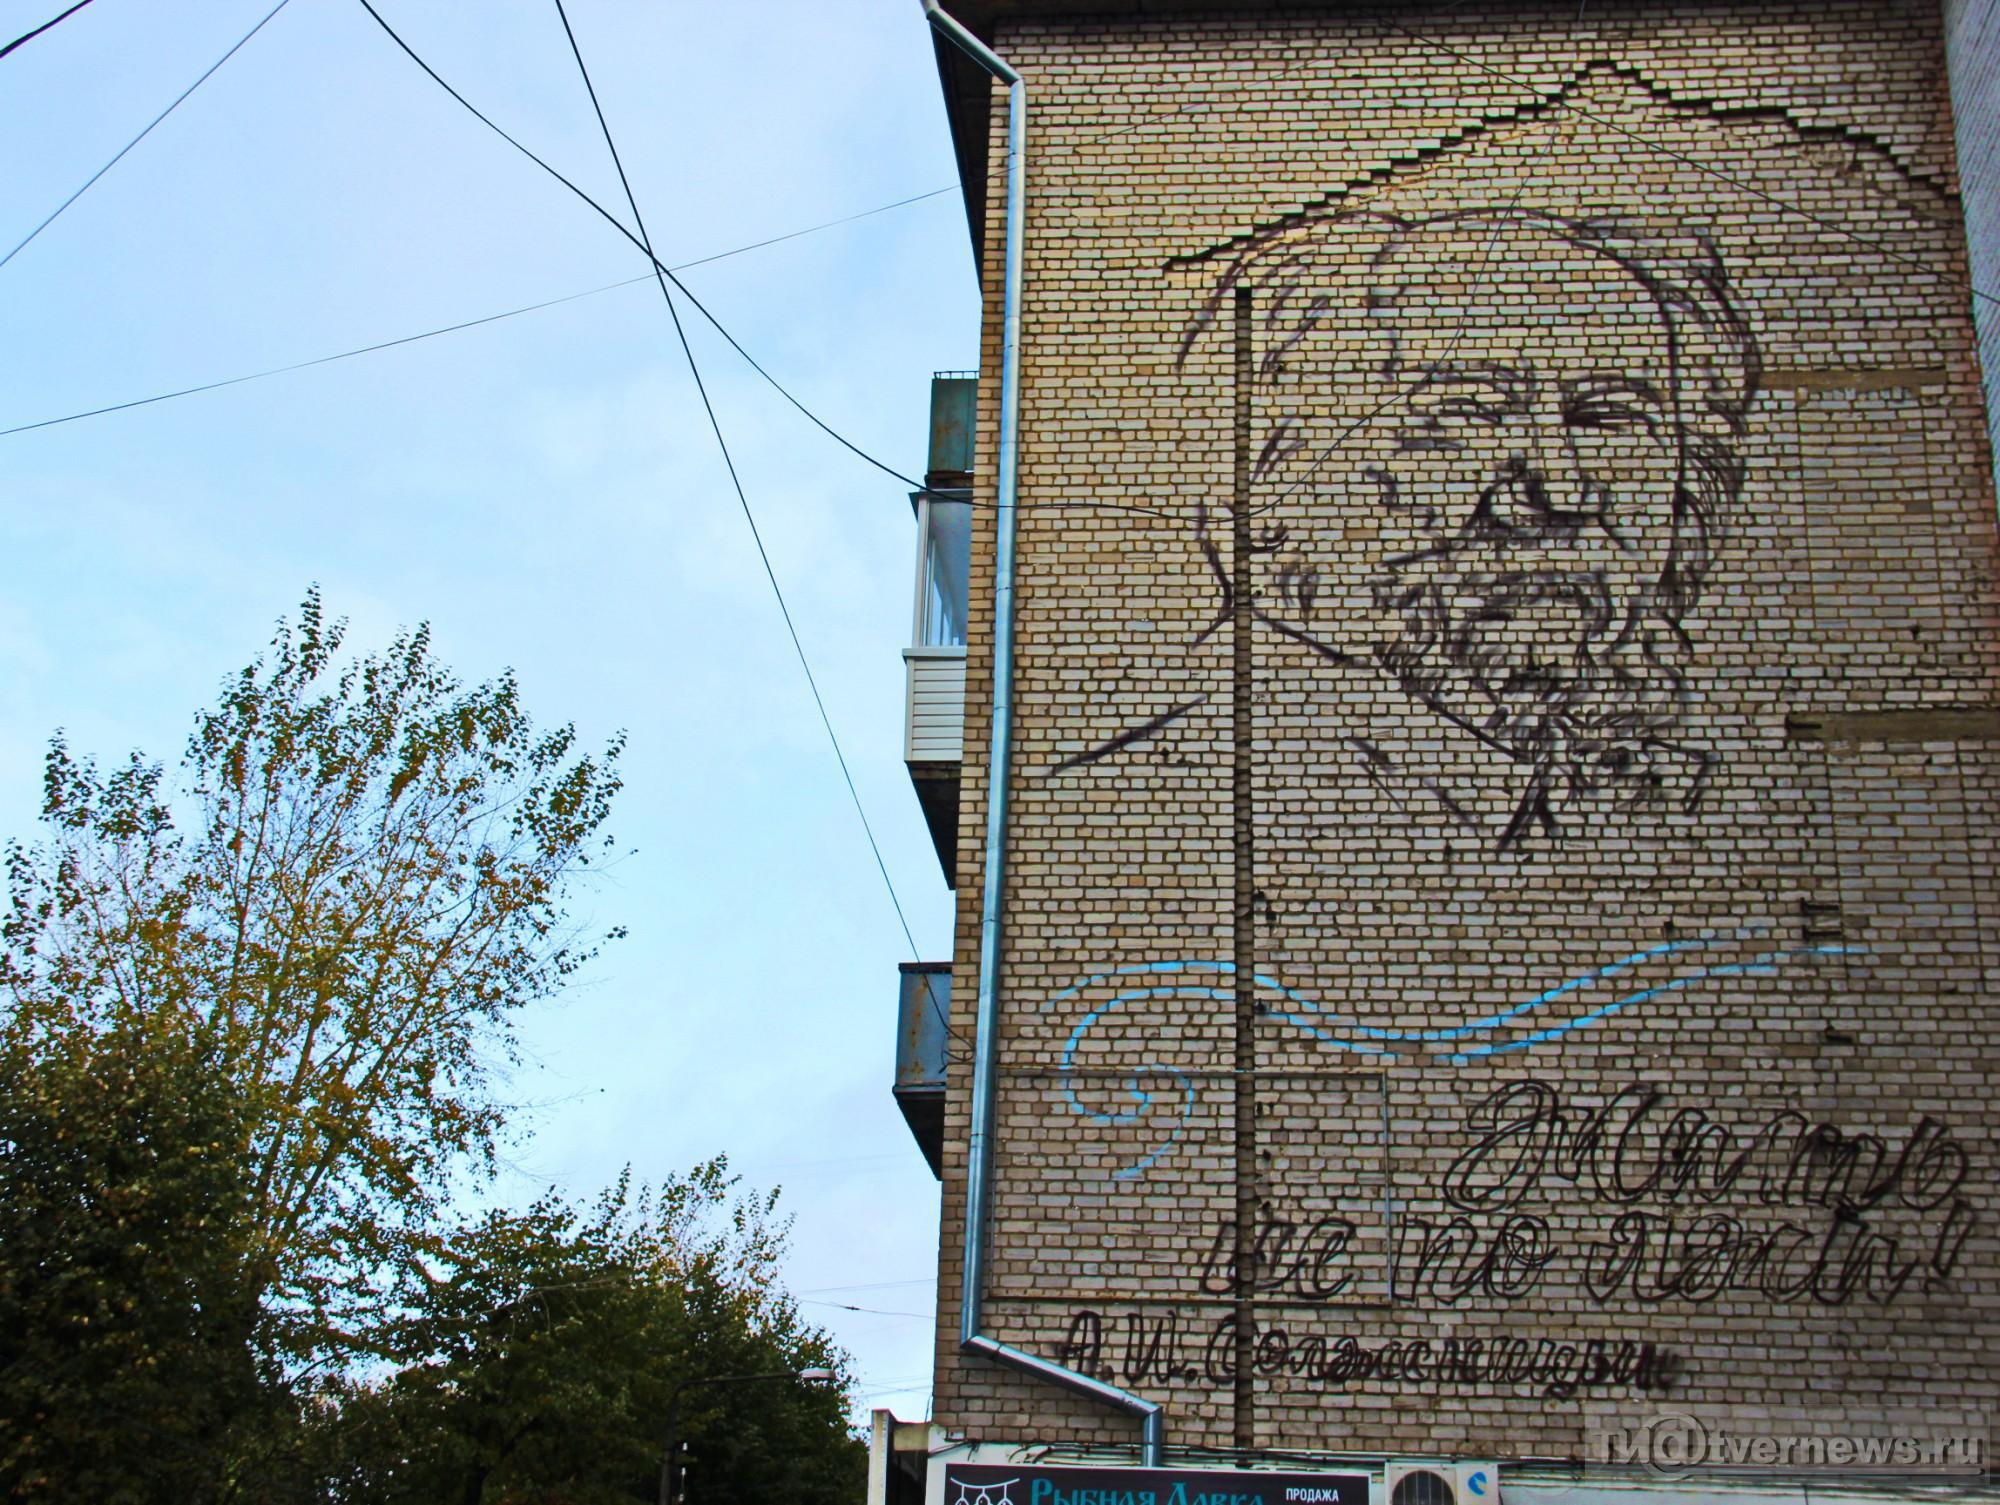 20181009_15-42-В Твери жители дома с Солженицыным устраивают пикеты против граффити и вызывают полицию-pic2